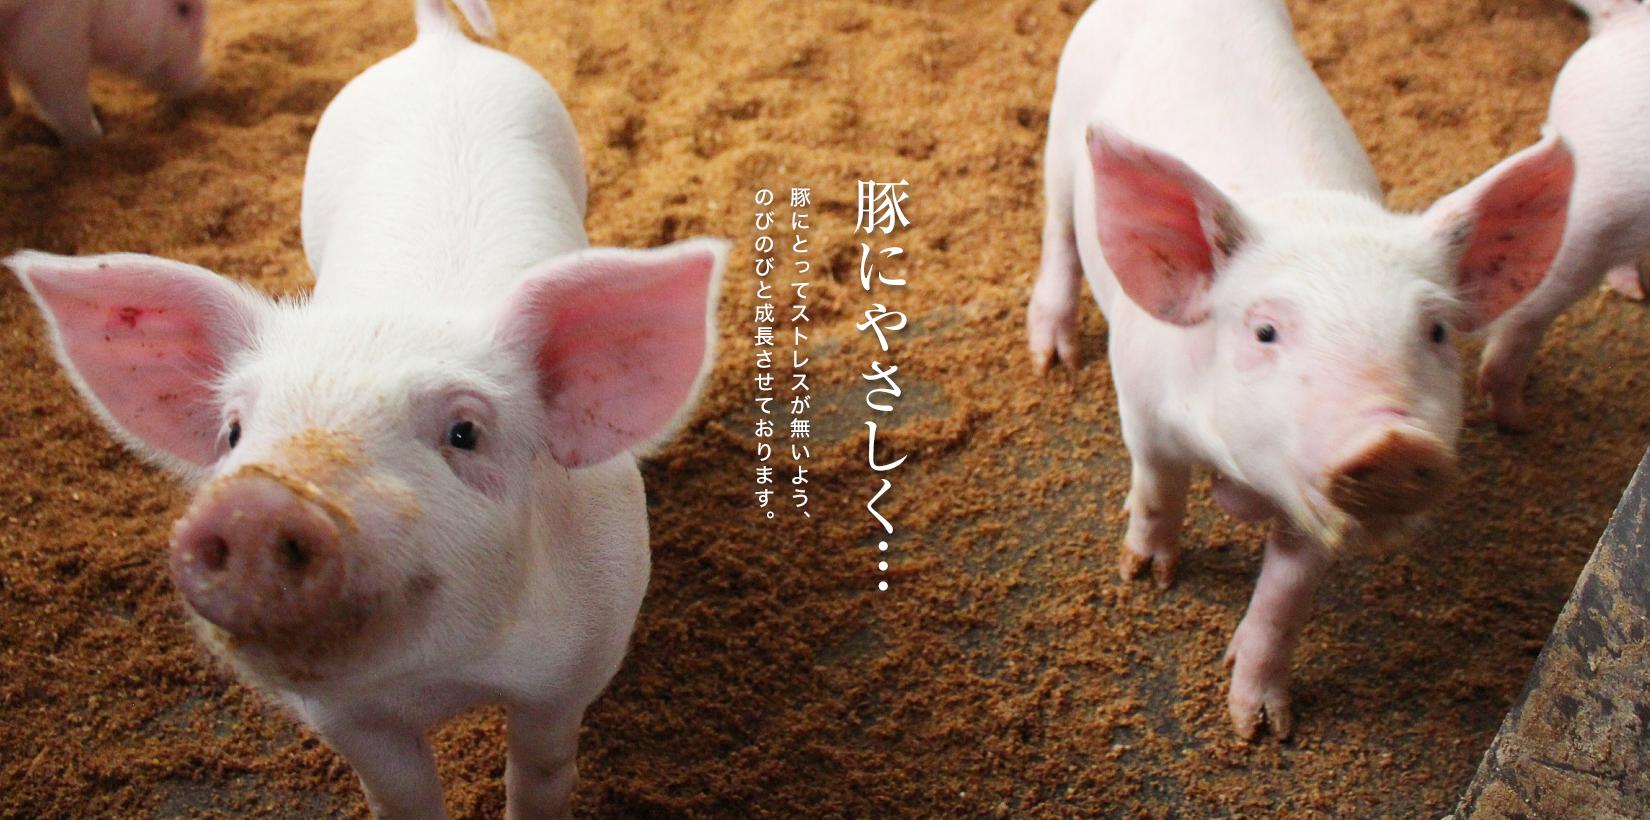 豚にとってストレスが無い様、のびのびと成長させております。